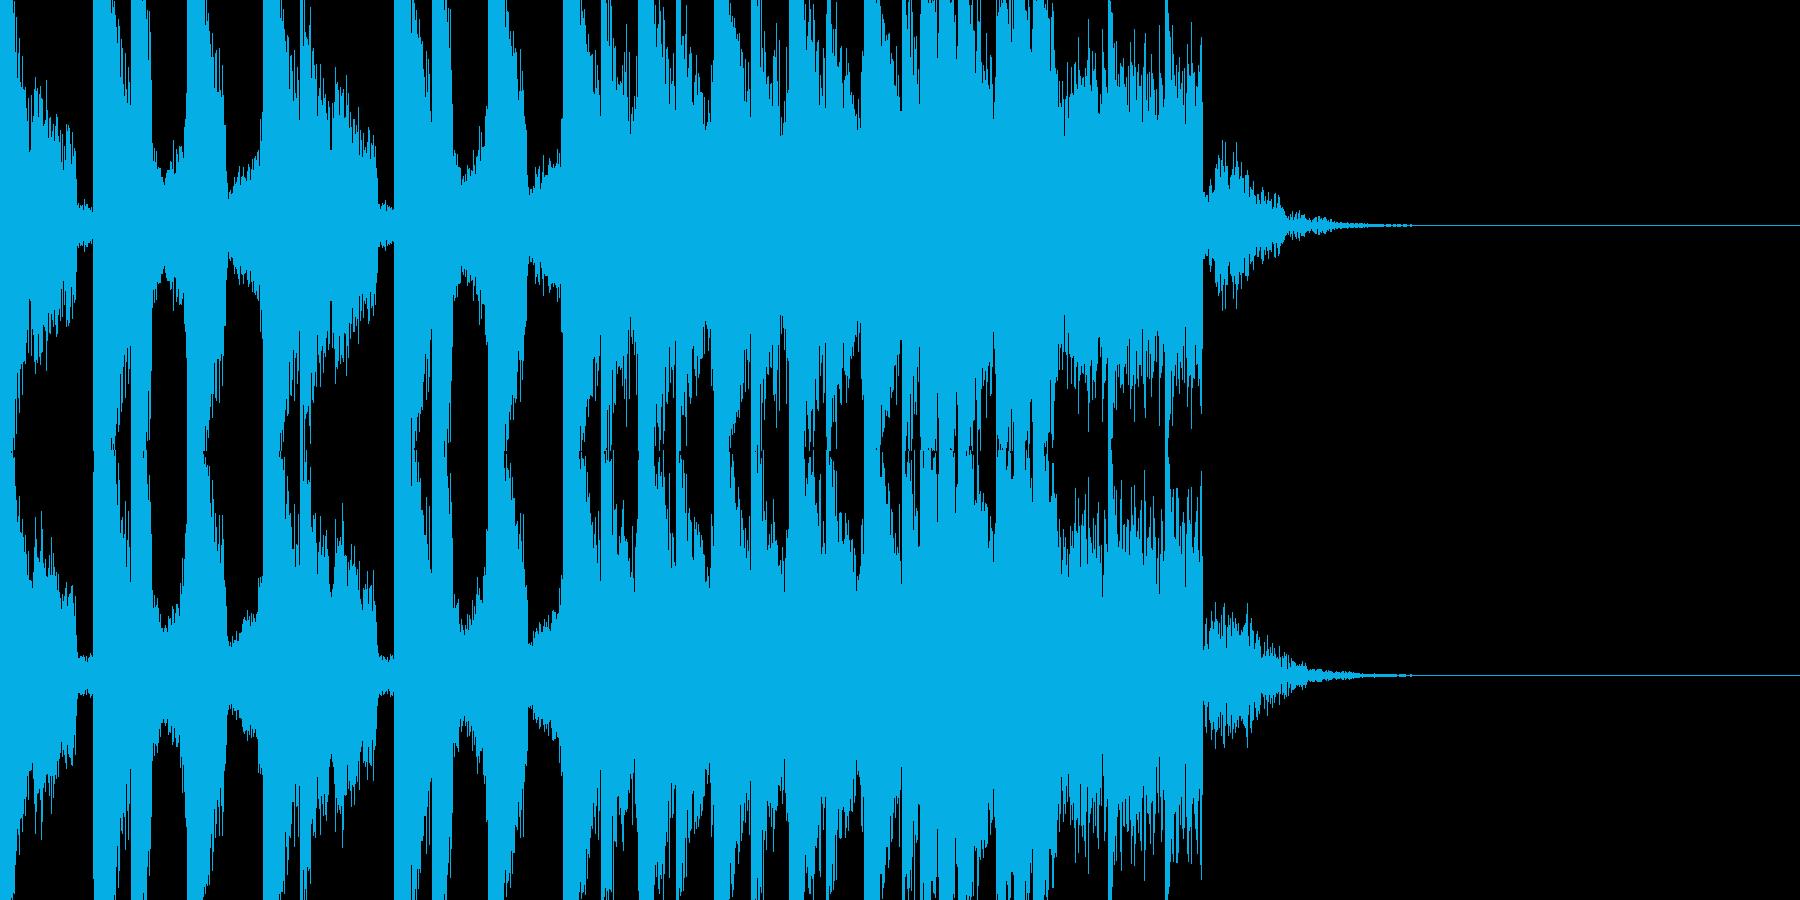 BPM128EDMビルドアップです。の再生済みの波形